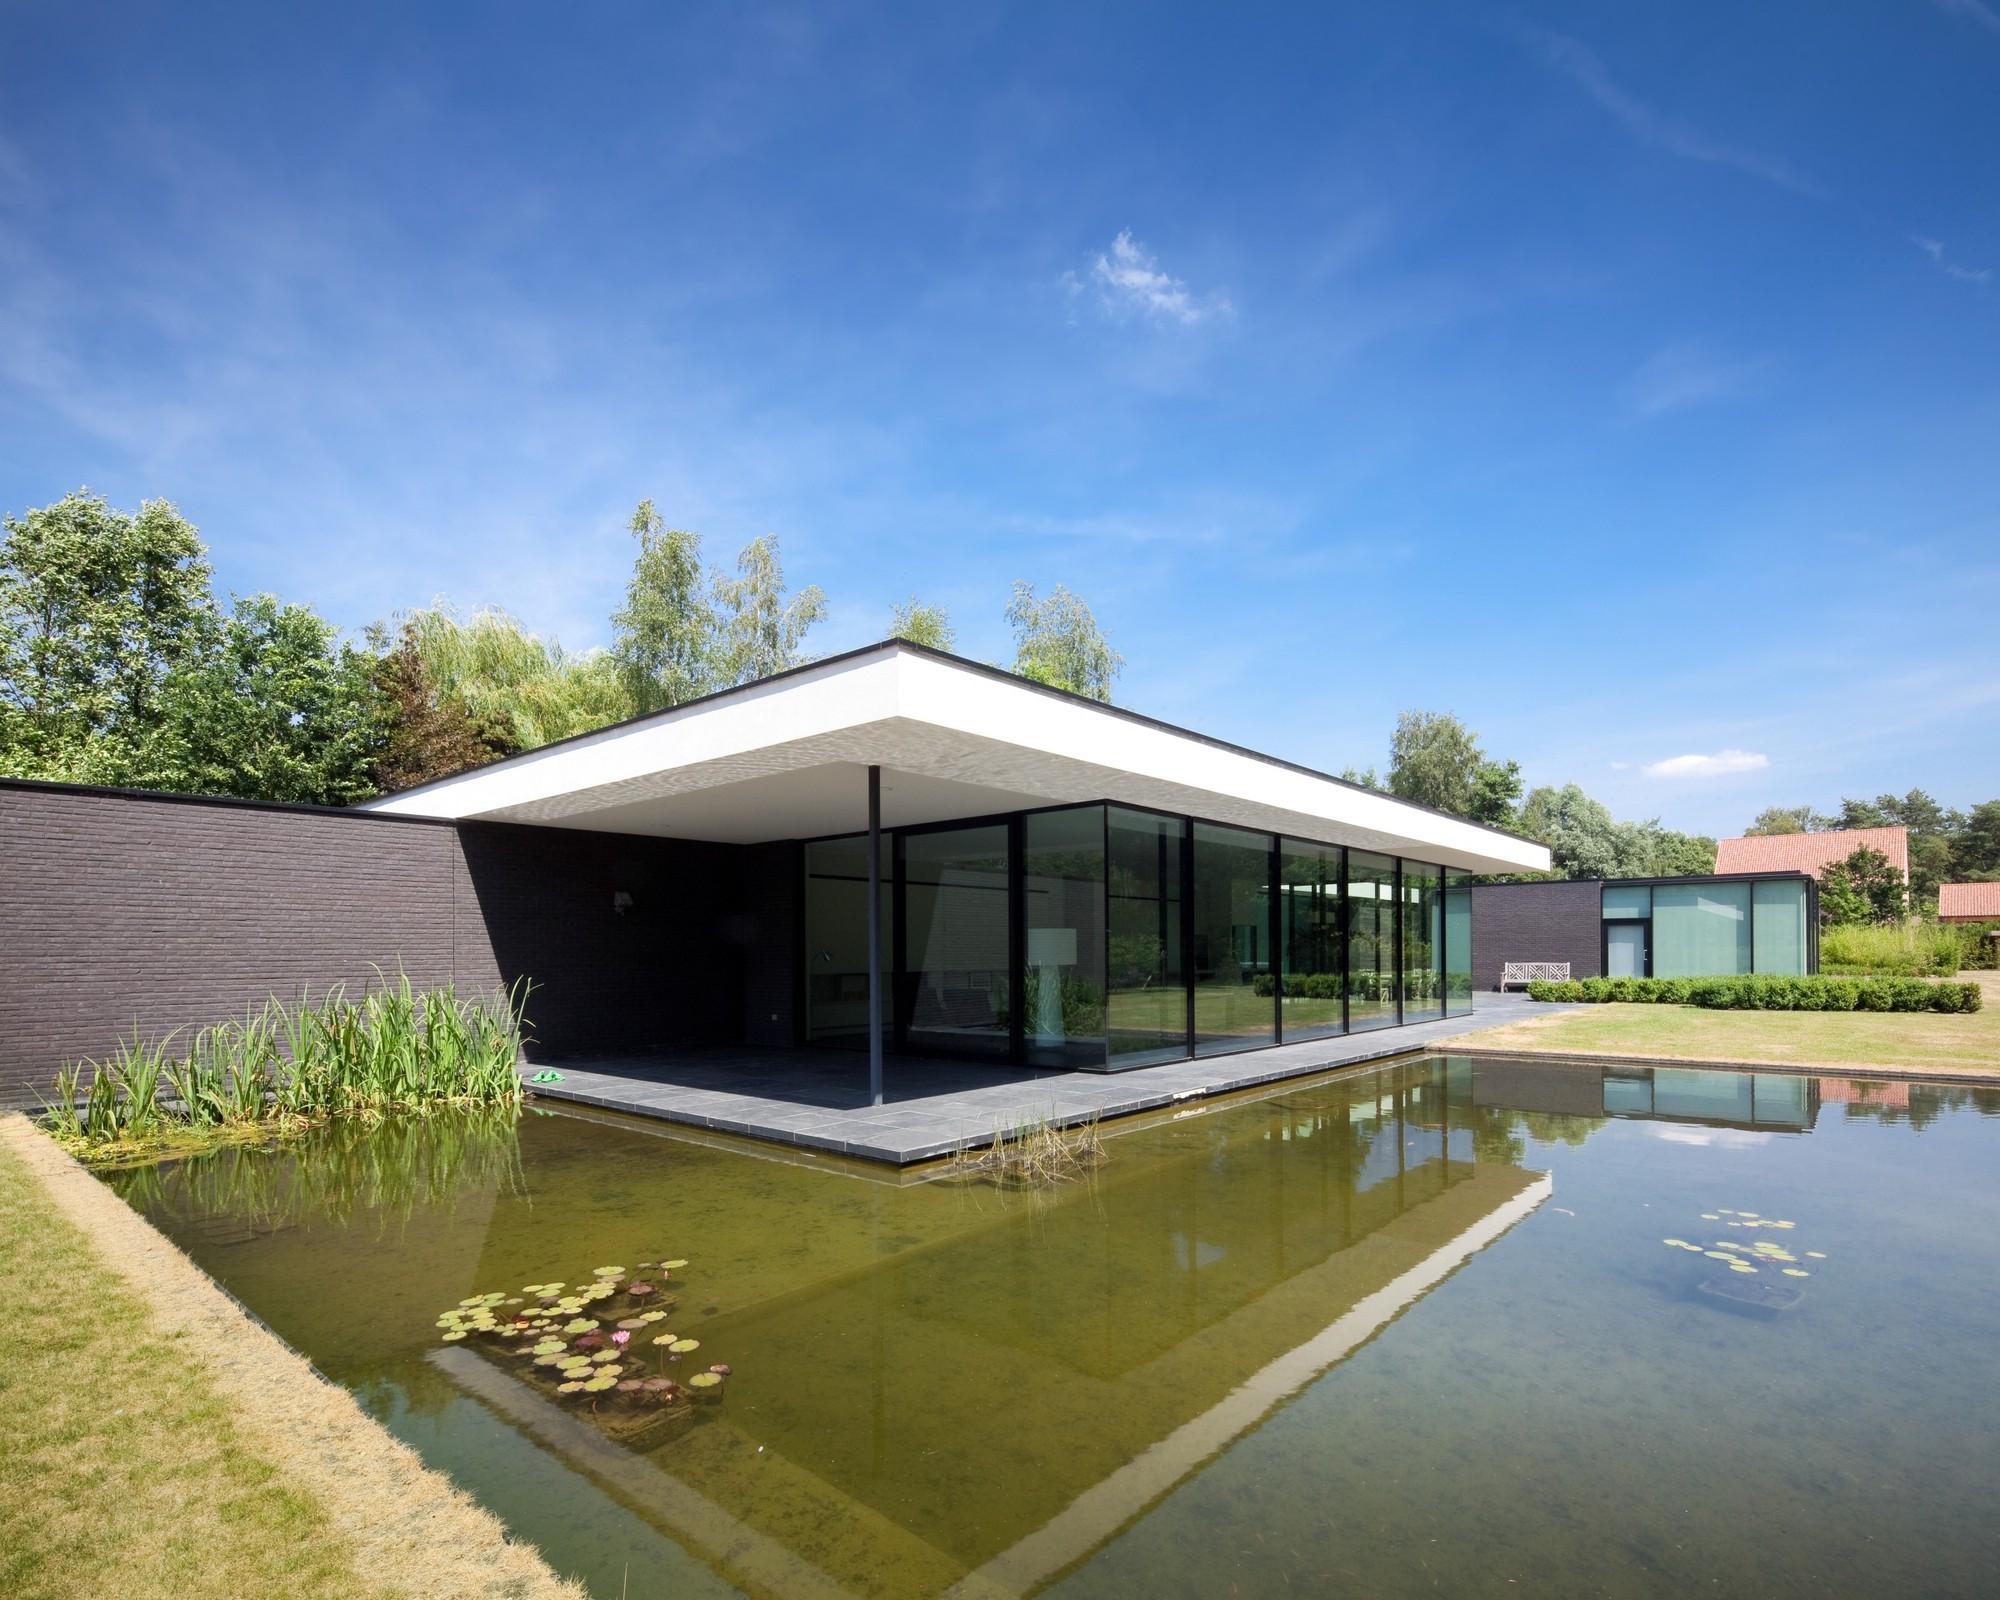 House Faes / HVH Architecten, © Tim Van De Velde